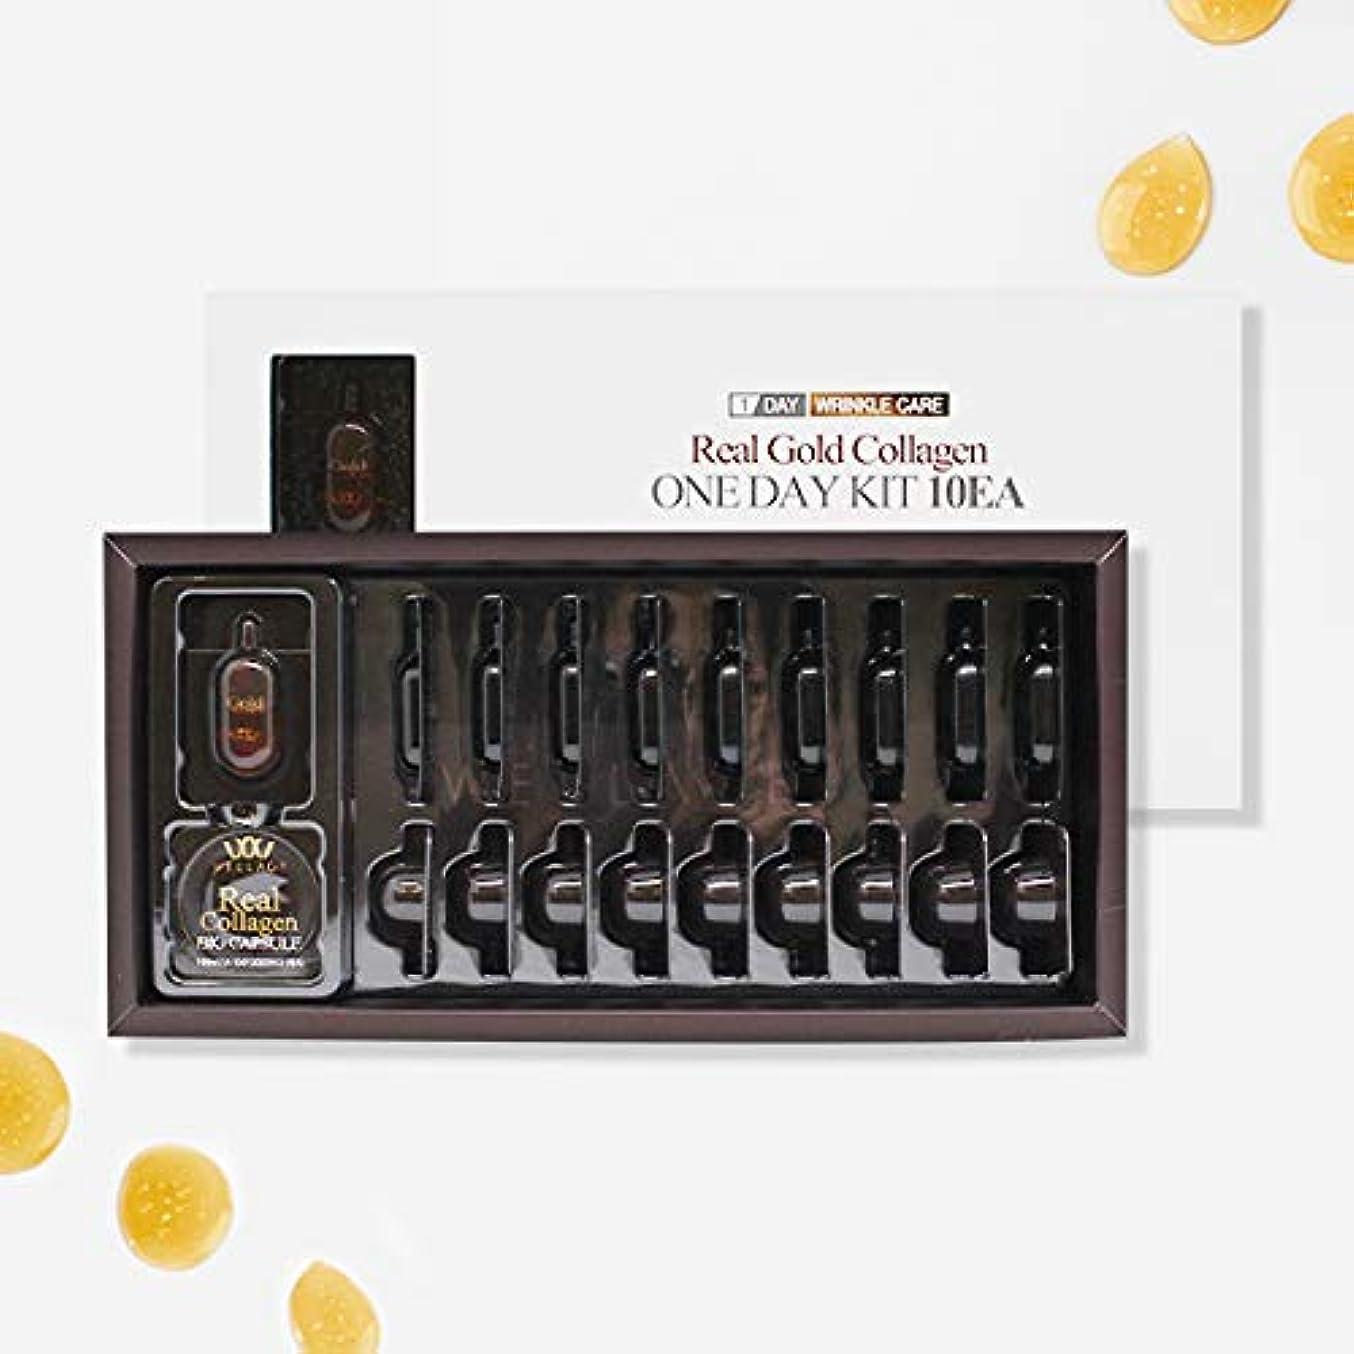 ナインへ姿を消す靴下WELLAGE(ウェラージュ) リアルゴールドワンデーキットバイオカプセル 10EA (しわケア)/ Real Gold One Day Kit Bio Capsule